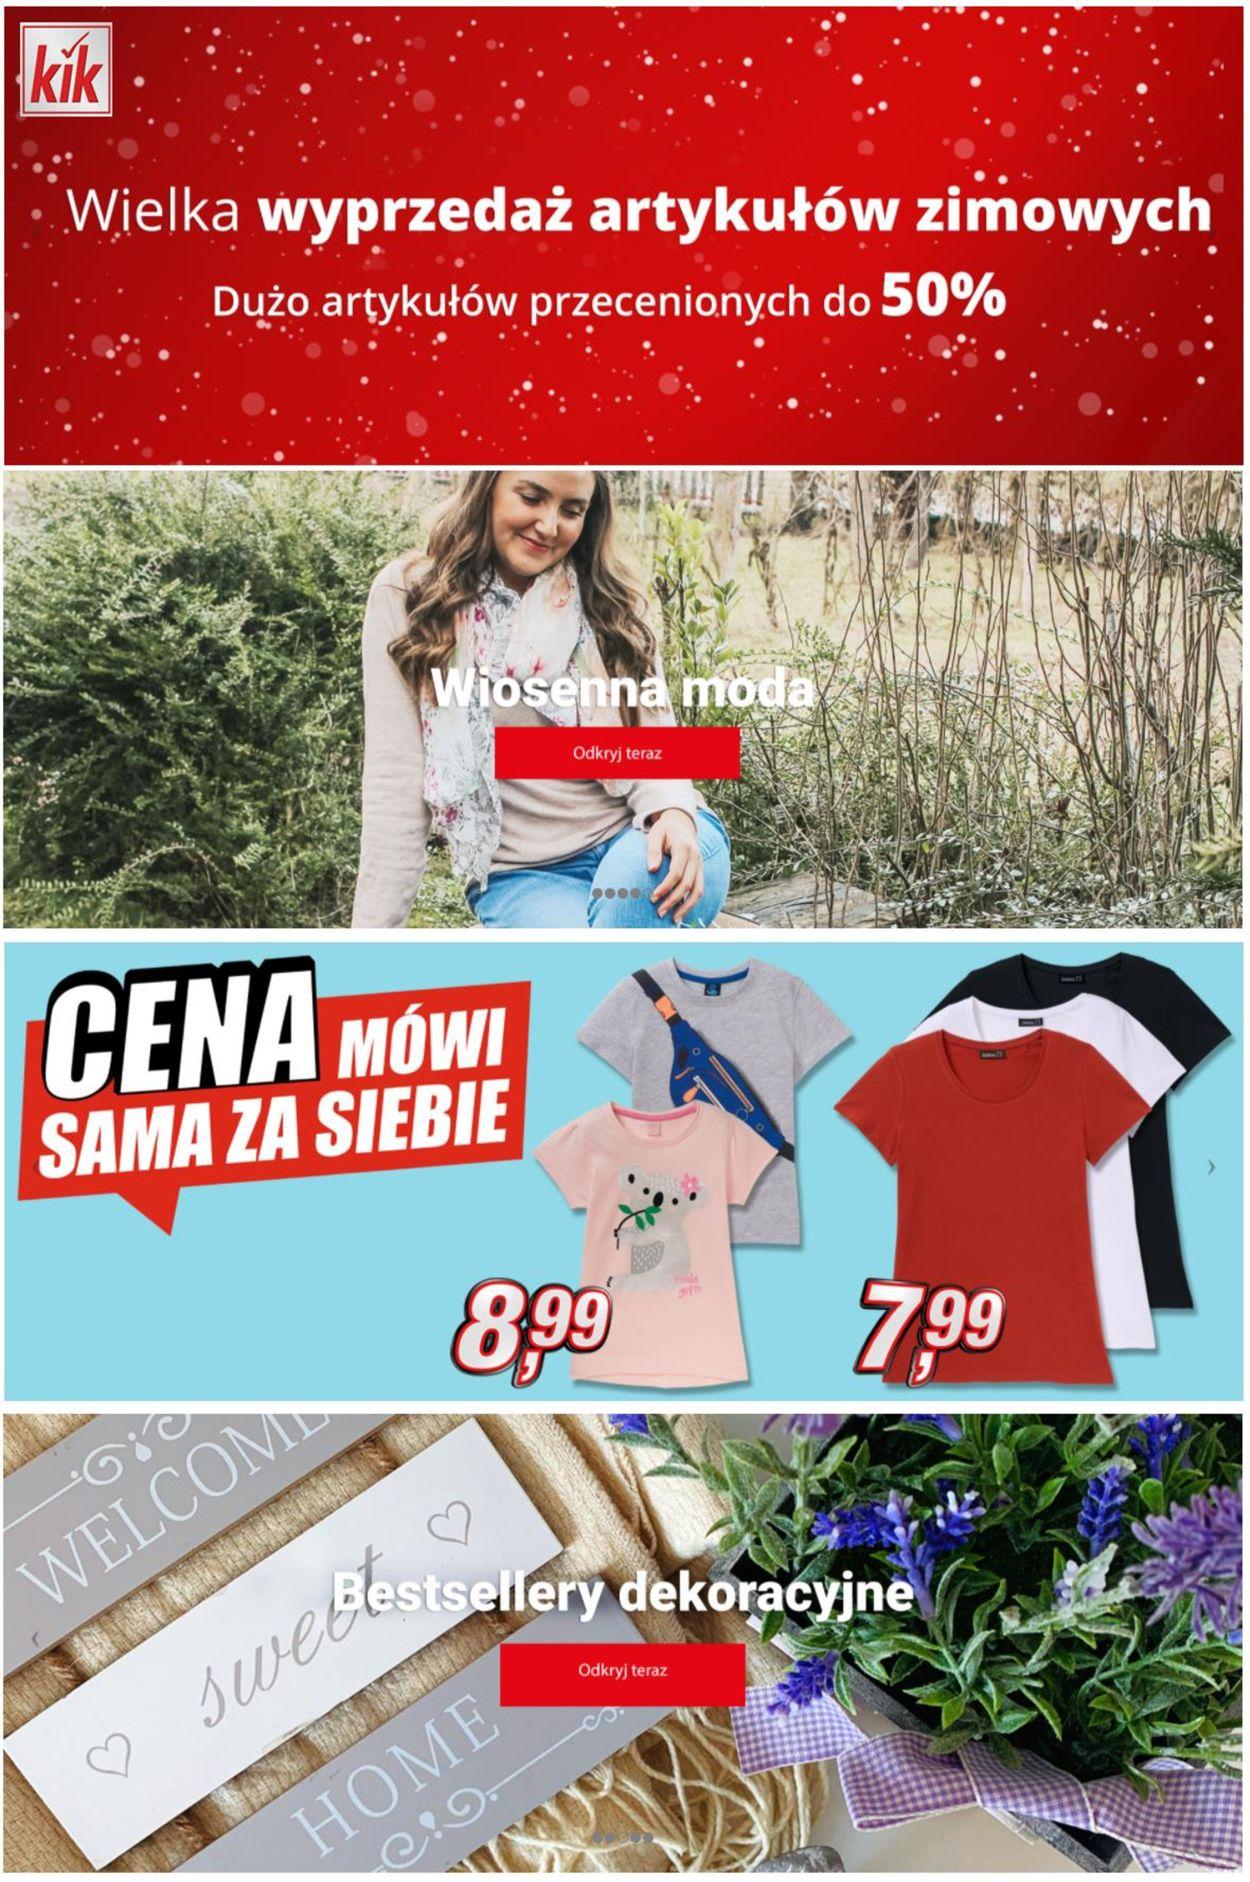 Gazetka promocyjna Kik - 09.03-29.03.2021